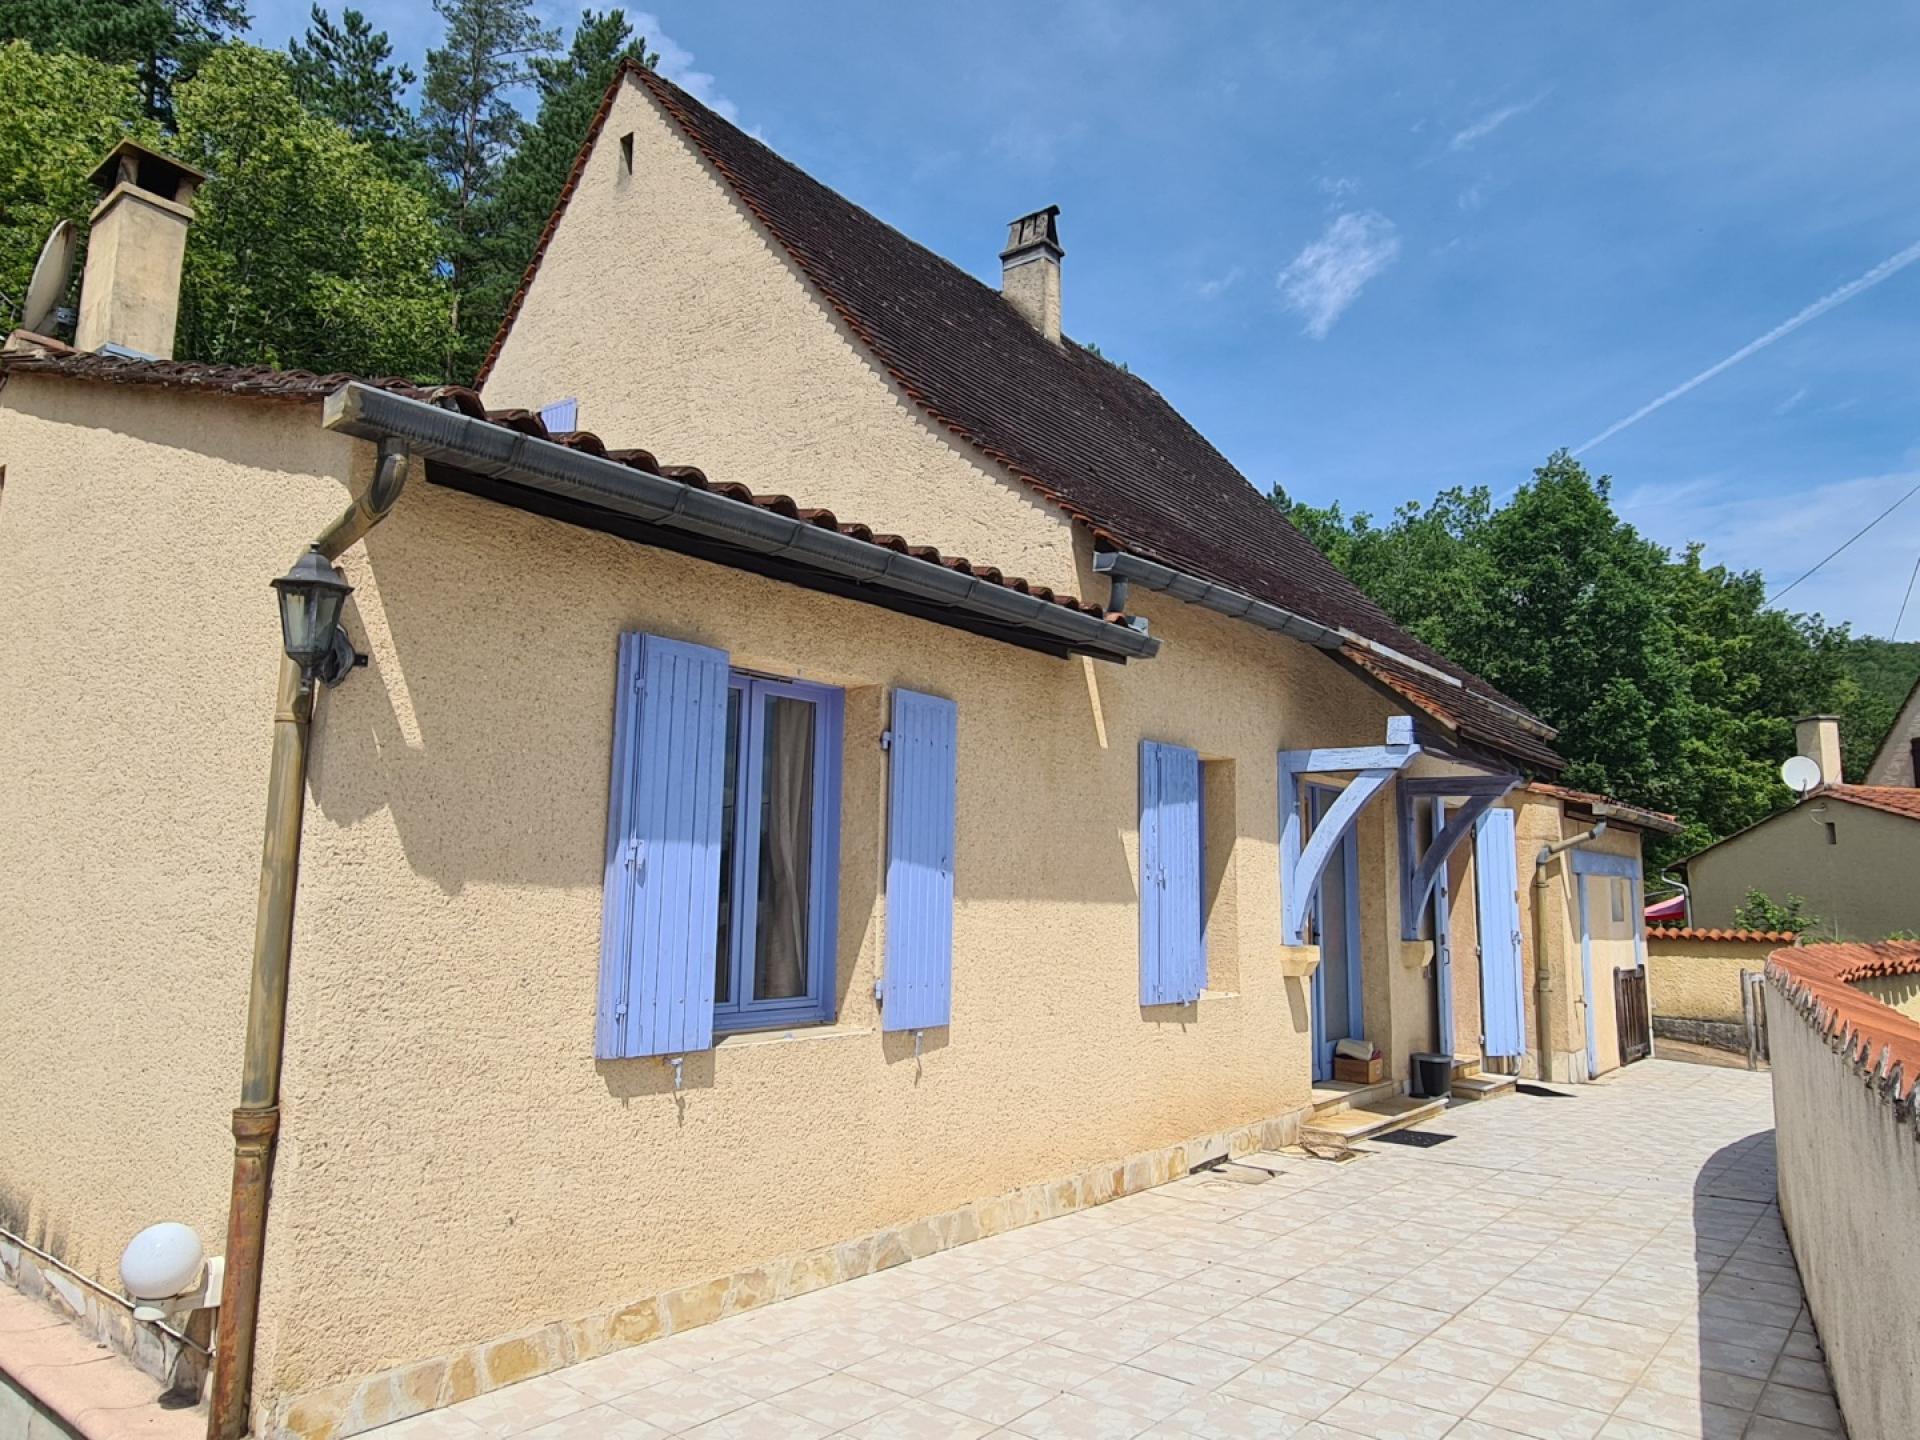 Montignac - Maison avec 3 chambres, garage, piscine, jardin et appartement indépendant.